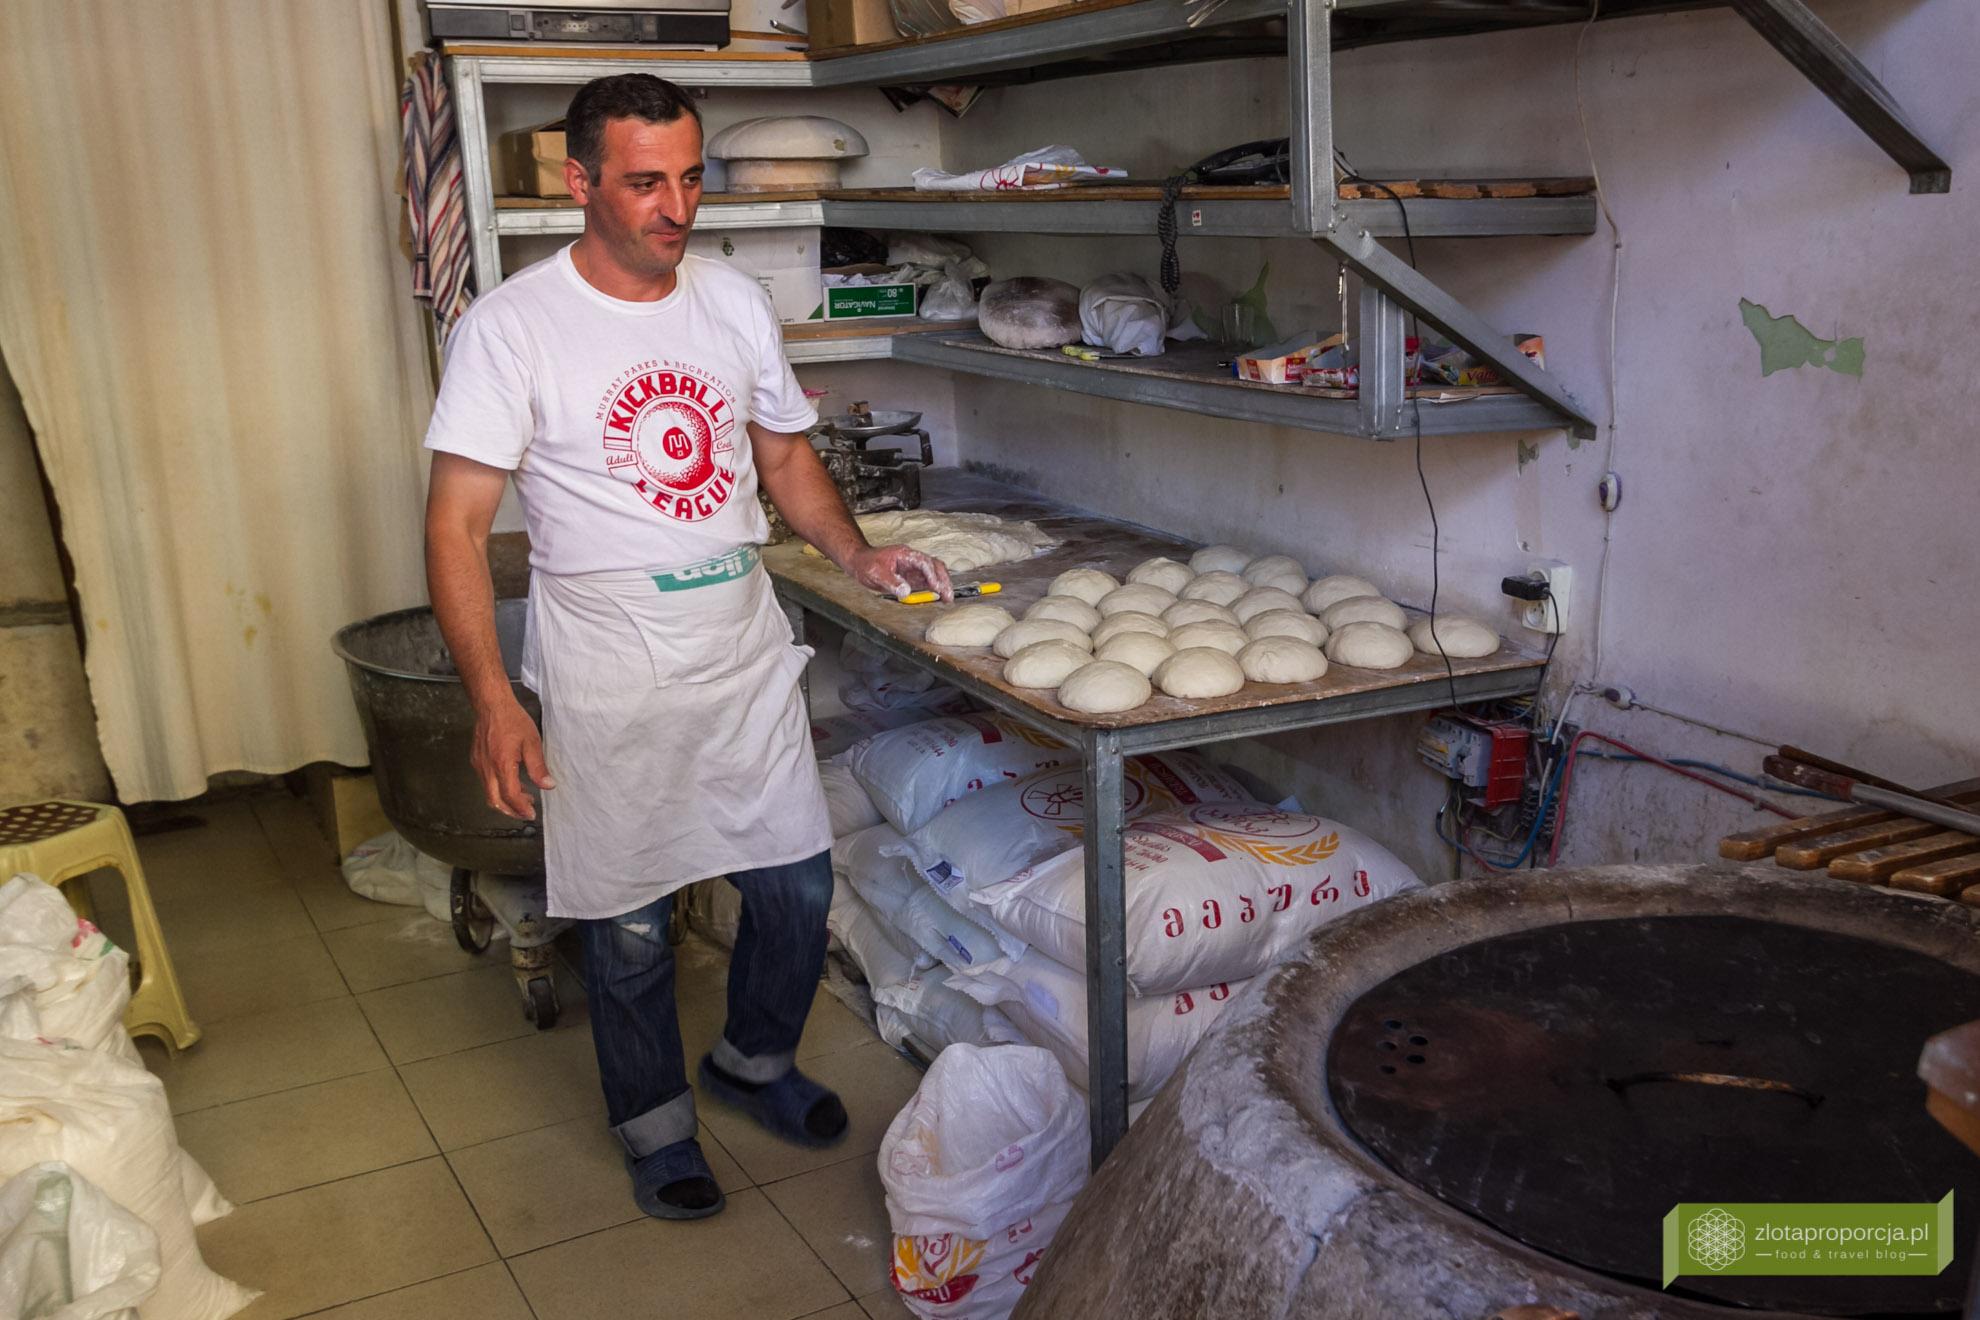 Gruzja, kuchnia gruzińska, gruzińskie potrawy, co zjeść w Gruzji; gruzińskie chlebki